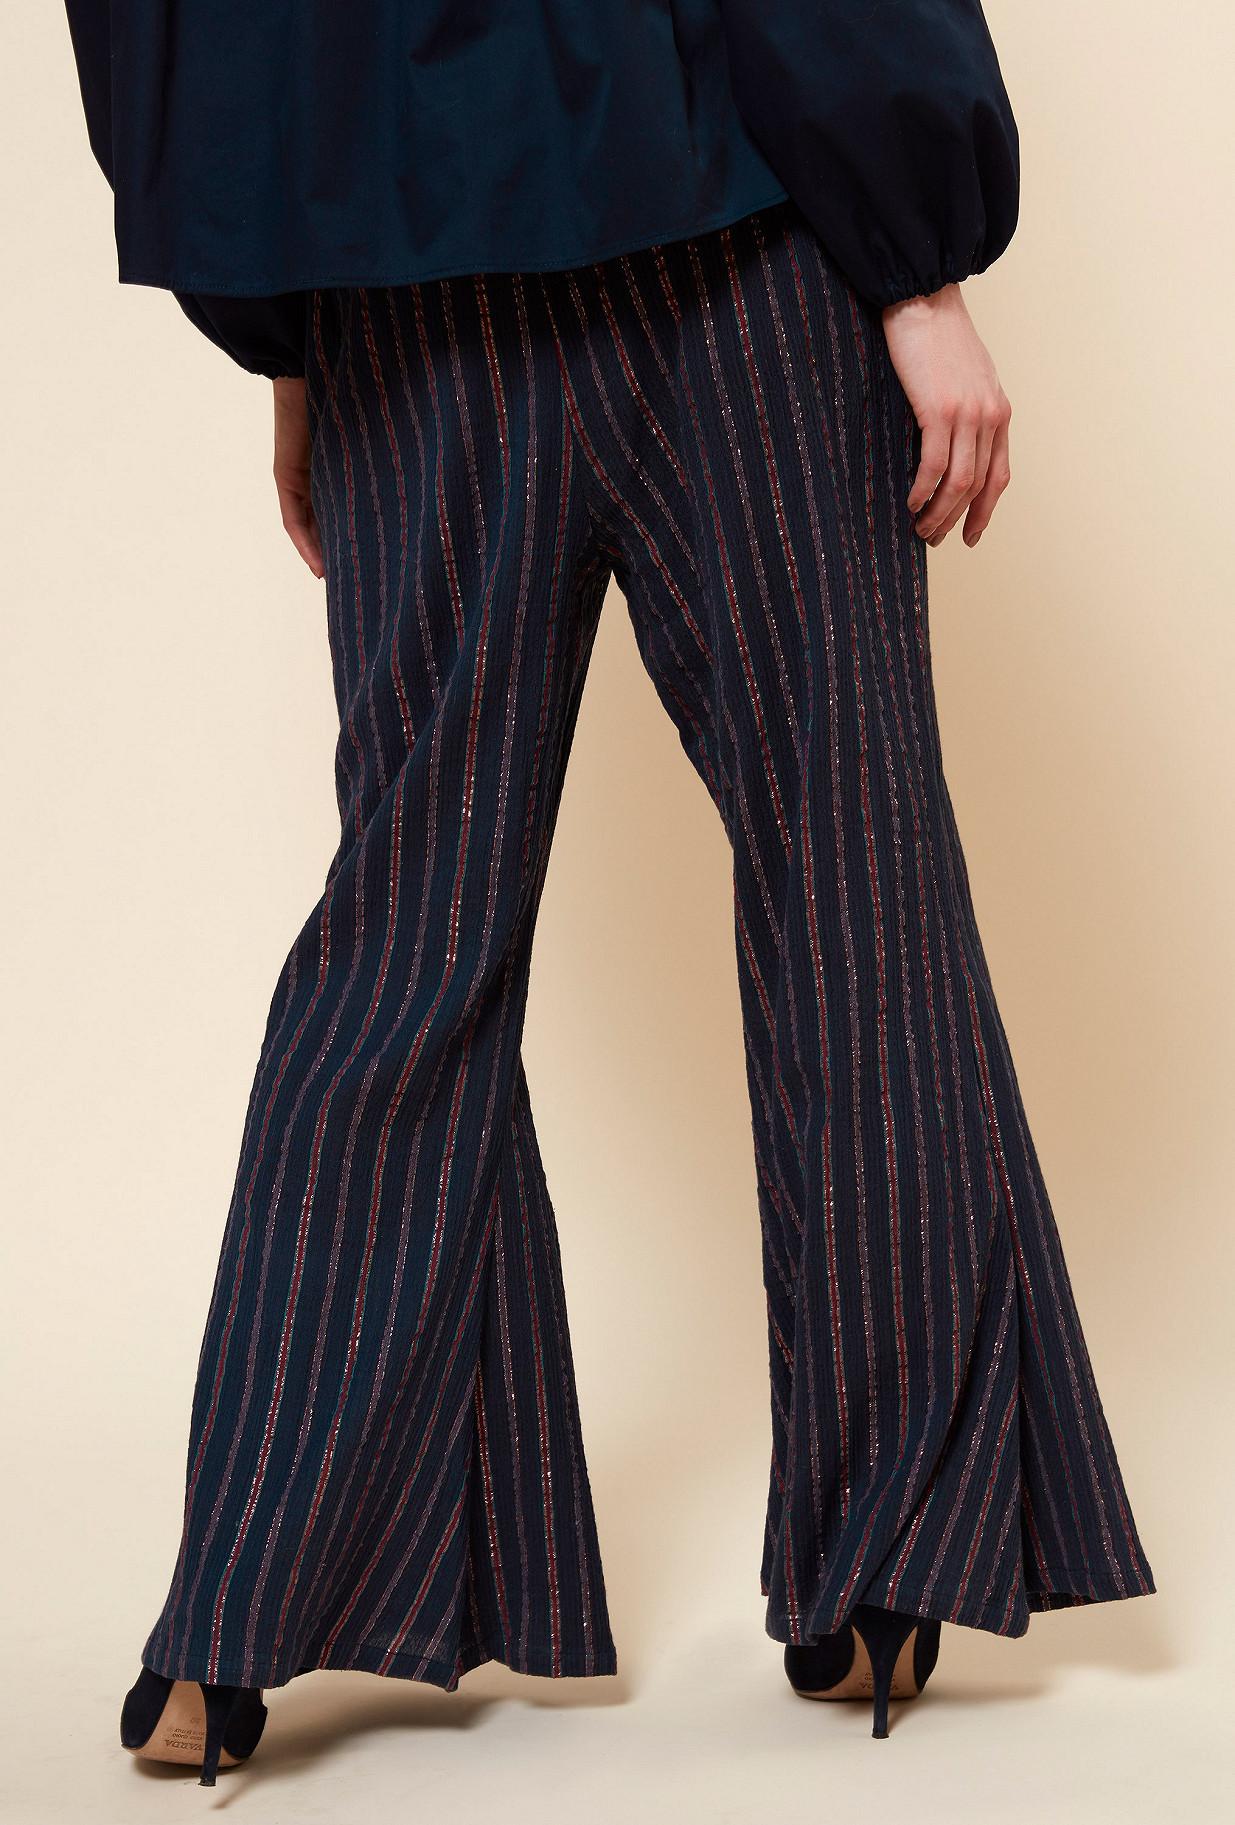 Paris boutique de mode vêtement PANTALON créateur bohème  Emmanuel